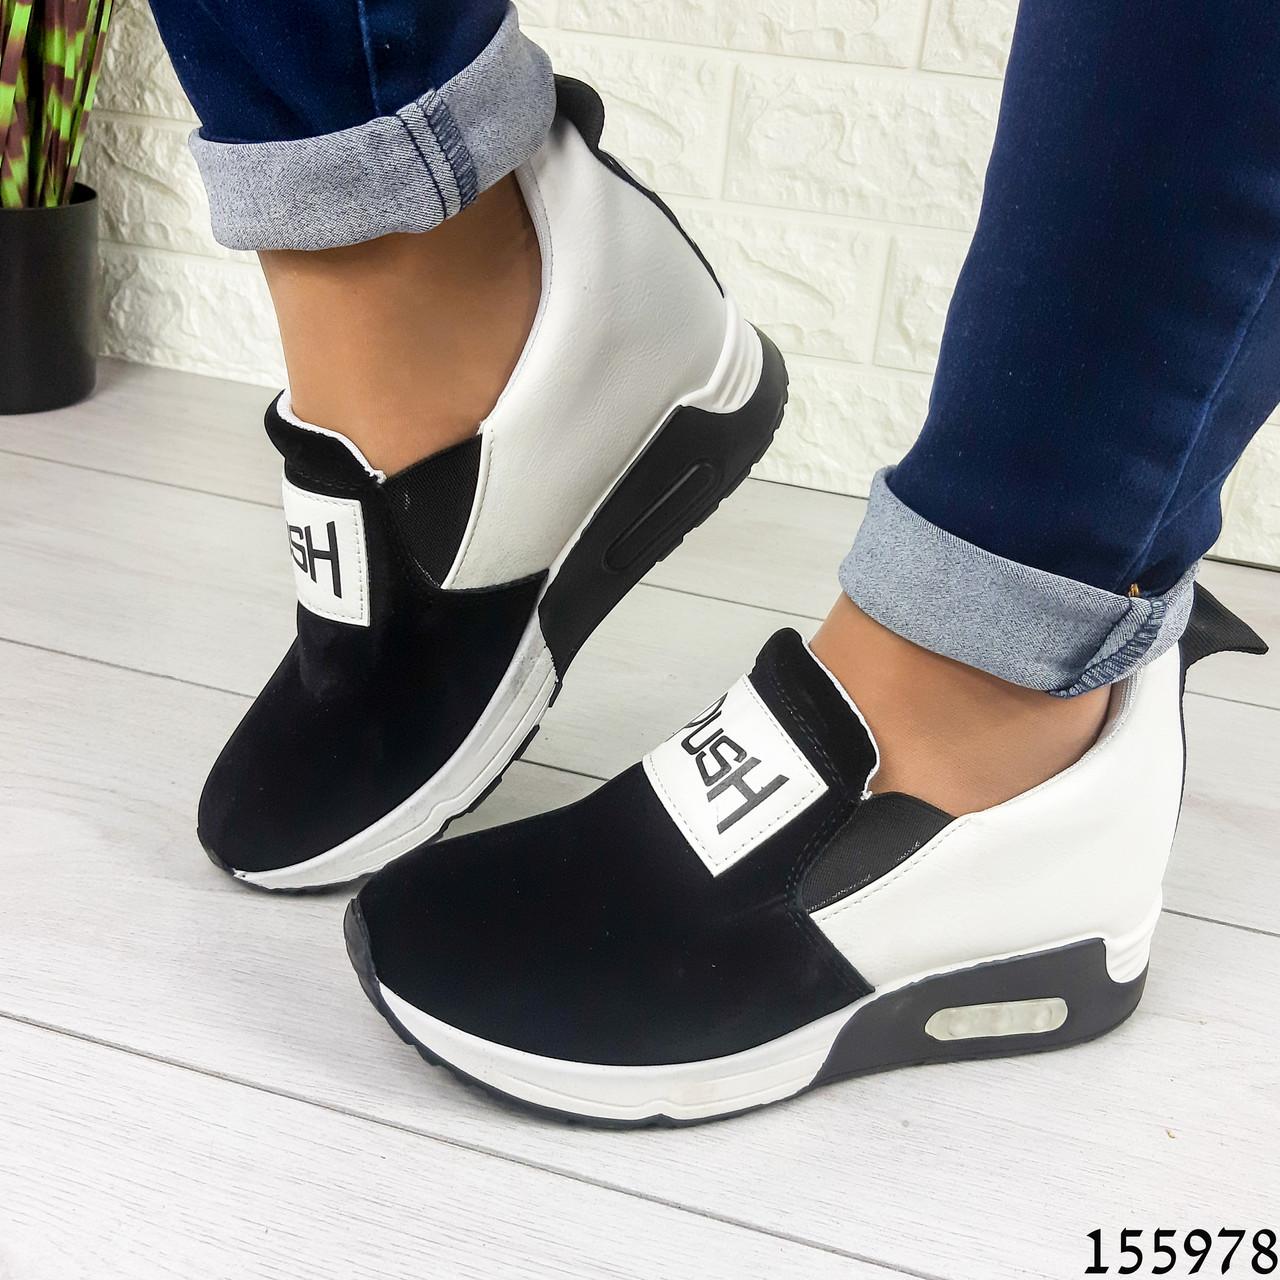 Жіночі кросівки без шнурків чорні + білий з еко шкіри + замша еко.